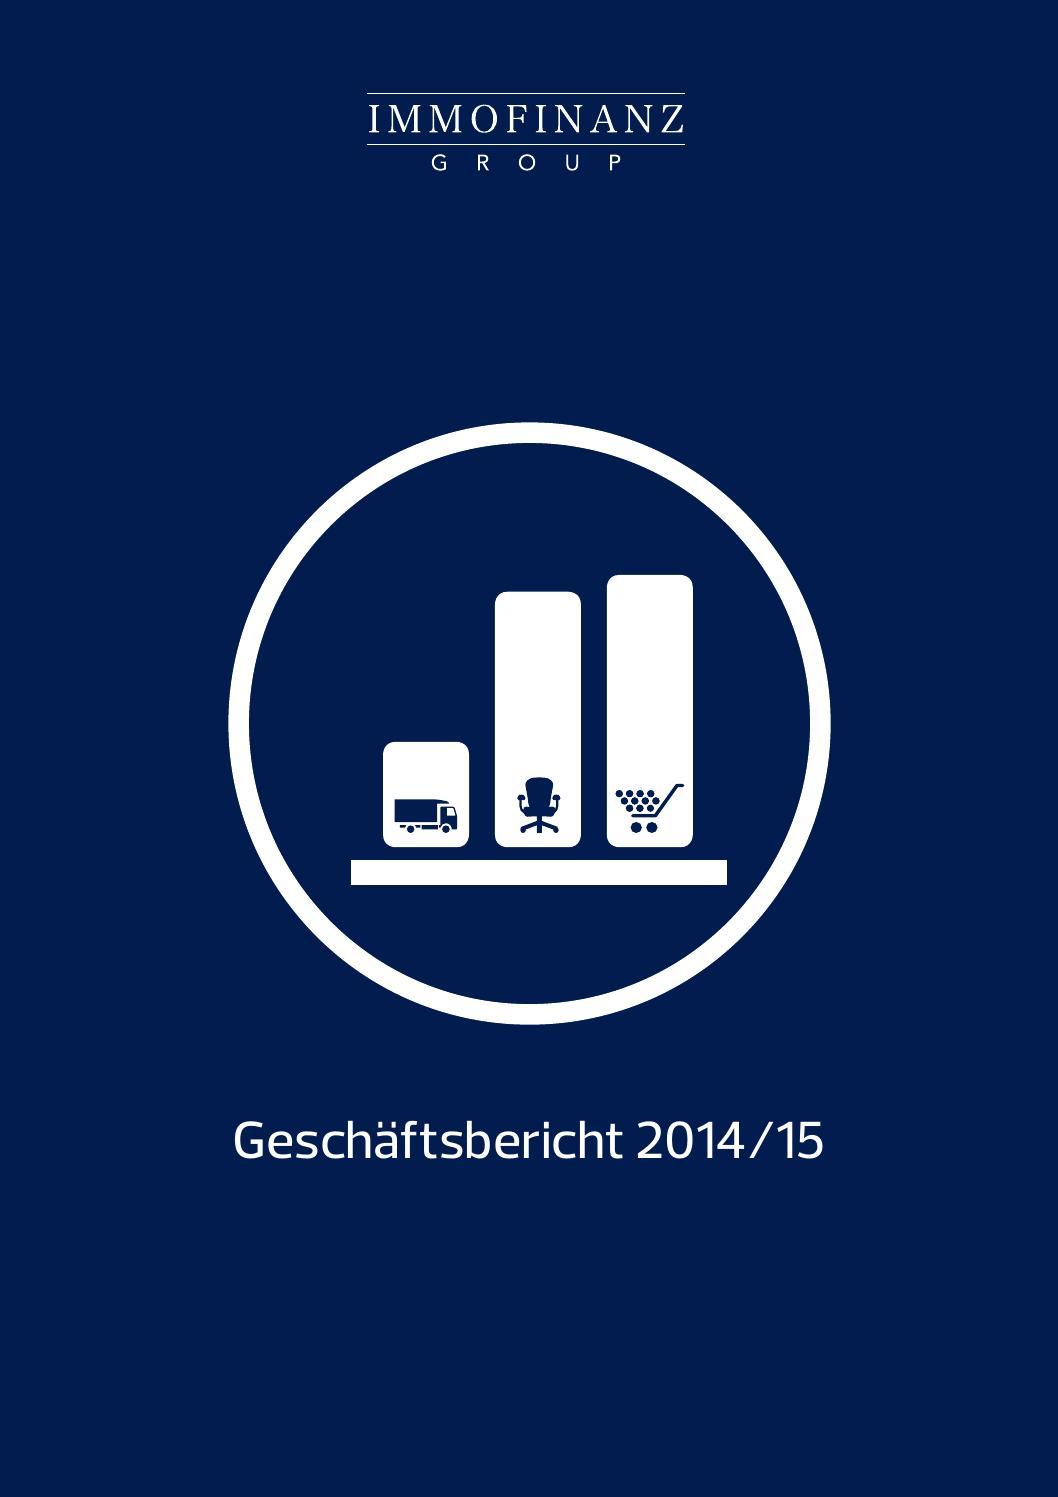 Geschäftsbericht 201415_Immofinanz by Styria Börse Express